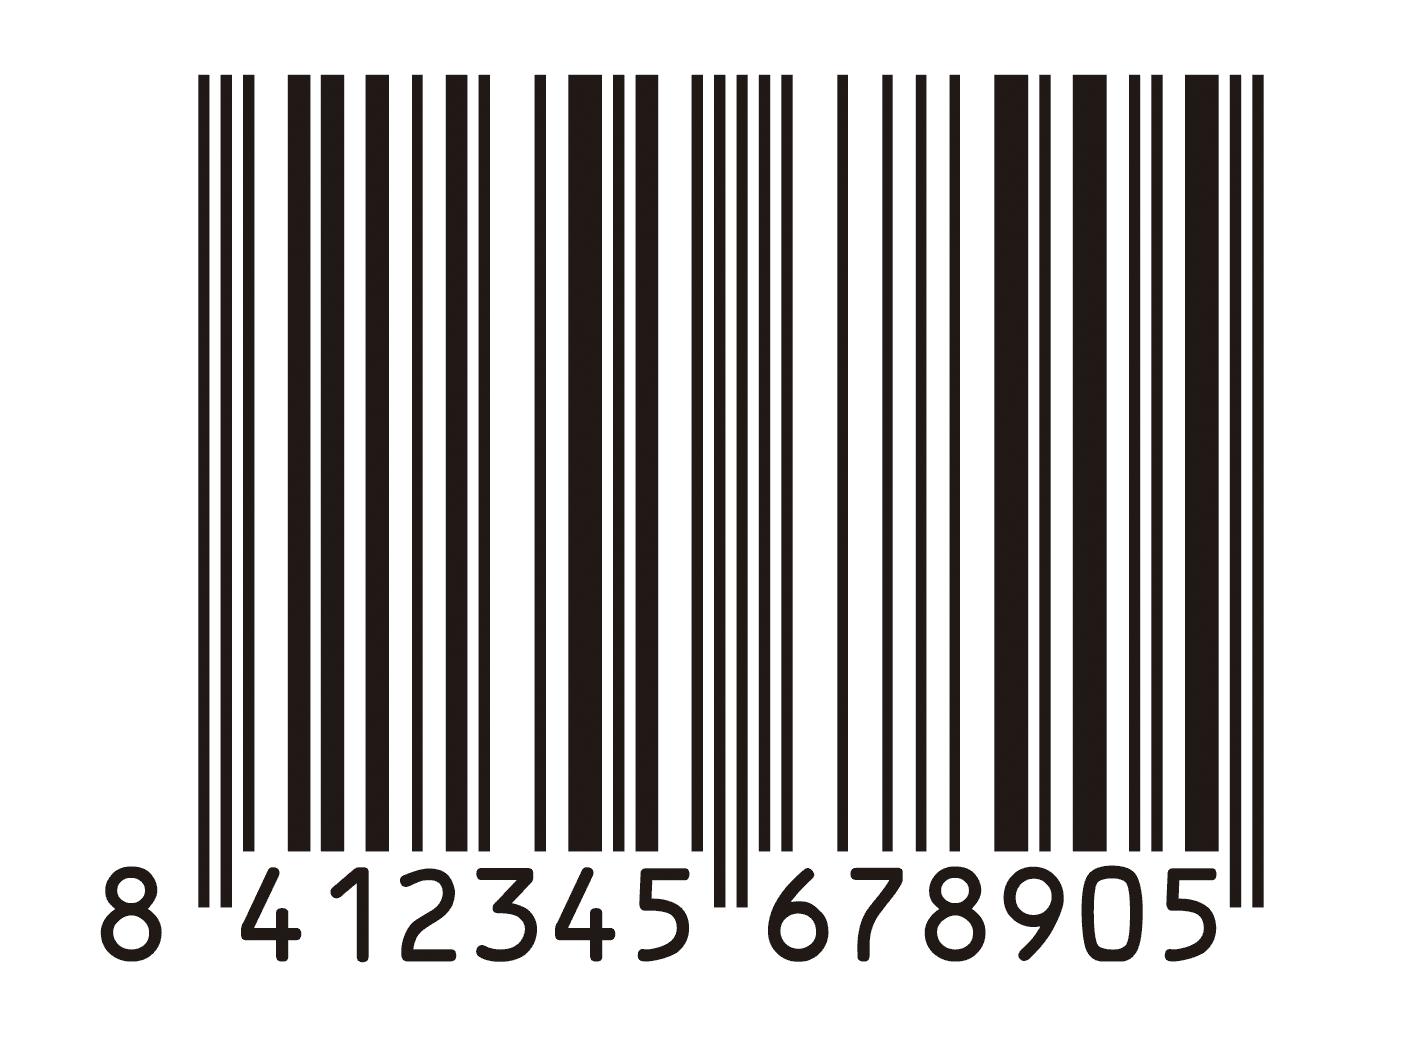 codigos de barras ean13 con prefijo 84 de espa209a